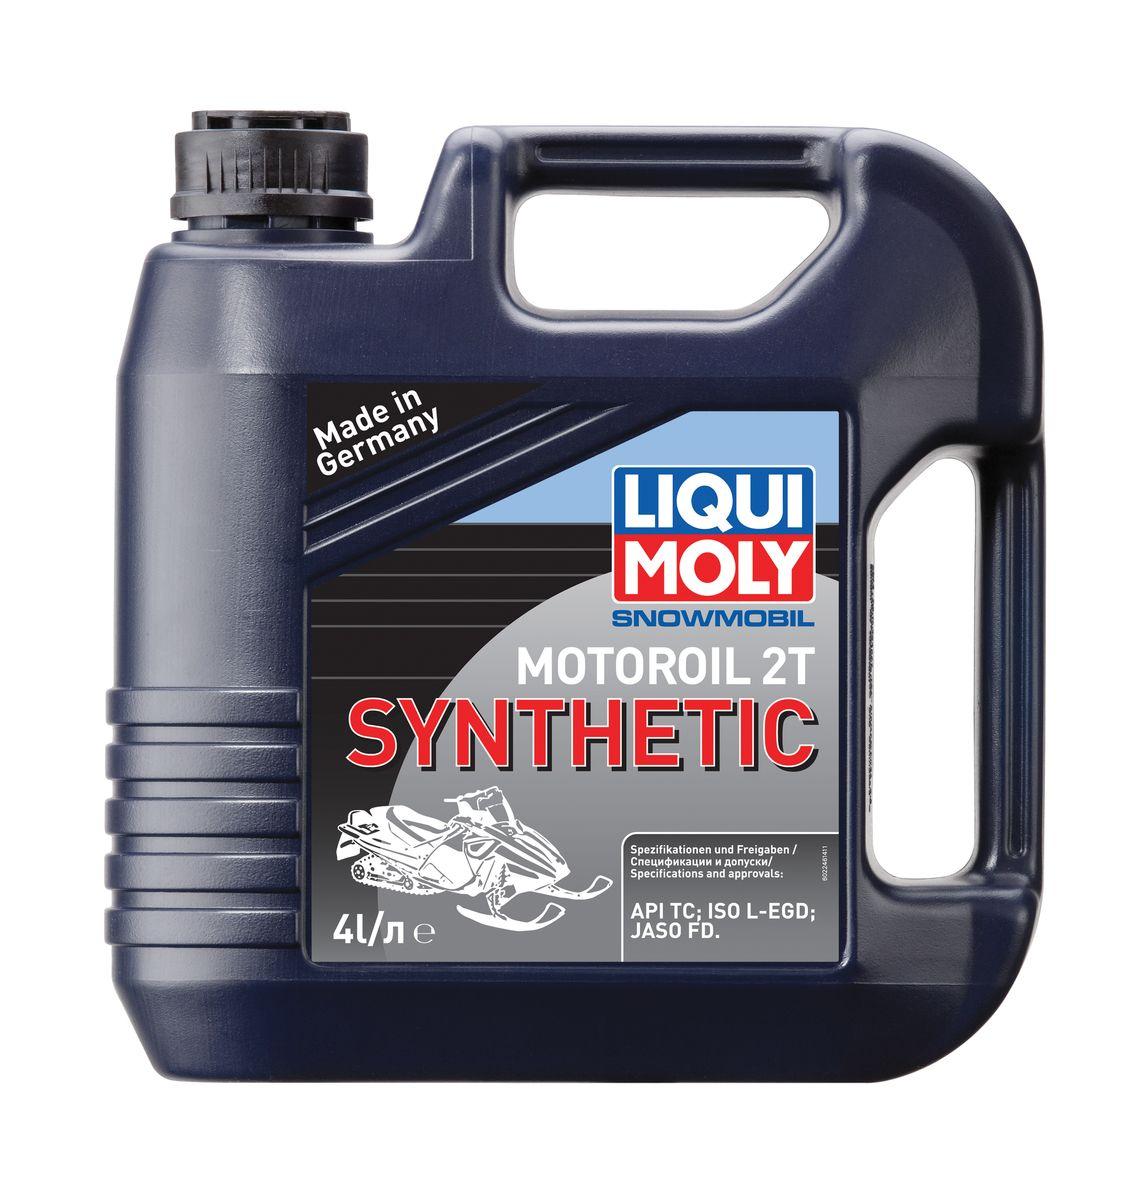 Масло моторное Liqui Moly Snowmobil Motoroil 2T Synthetic, синтетическое, 4 л80621Масло моторное Liqui Moly Snowmobil Motoroil 2T Synthetic предназначено для эксплуатации высокофорсированных двухтактных снегоходов в условиях экстремальных нагрузок и крайне низких температур. Комбинация полностью синтетической базы и современных присадок гарантирует максимальную защиту двигателя на любых оборотах и нагрузках. Бездымно сгорает, не дает нагаров в двигателе и глушителе. Отлично прокачивается масляным насосом при крайне низких температурах. Повышает мощность двигателя. Поддерживает чистоту свечей. Самосмешиваемо с топливом, используется для раздельной и смешанной систем подачи топлива. Защищает от коррозии. Красного цвета. Полностью синтетическая базовая основа в сочетании с современными присадками обеспечивает: - легкий запуск в мороз, - безупречную чистоту двигателя, свечей зажигания, мощностного клапана и глушителя, - отличную защиту от износа, задиров и прихватов, - бездымное сгорание, - низкую концентрацию масла в смеси с топливом, - максимальную защиту от коррозии, - стойкость к высоким оборотам и перегреву. Использование масла Snowmobil Motoroil 2T Synthetic обеспечивает отличную и долговременную работу стандартных и высокофорсированных 2Т двигателей снегоходов в любых режимах. Для двигателей с водяным и воздушным охлаждением. Концентрация в смеси с топливом до 1:100. Допуск: - API: TC- ISO: L-EGD- JASO: FC- Global: GD